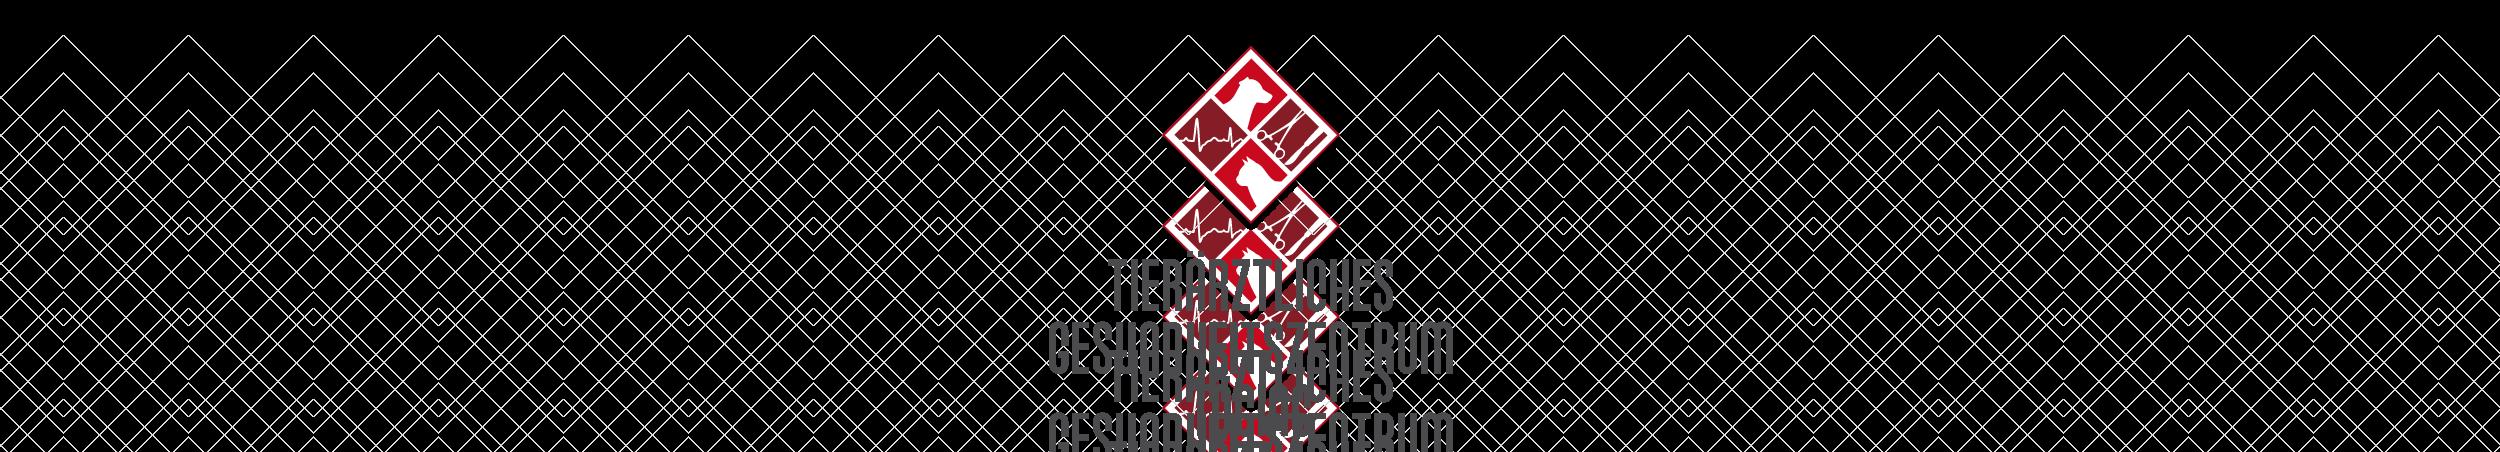 Tierärztliches Gesundheitszentrum Töging – Tierarztpraxis – Tierarzt Dr. K. Abaya Logo